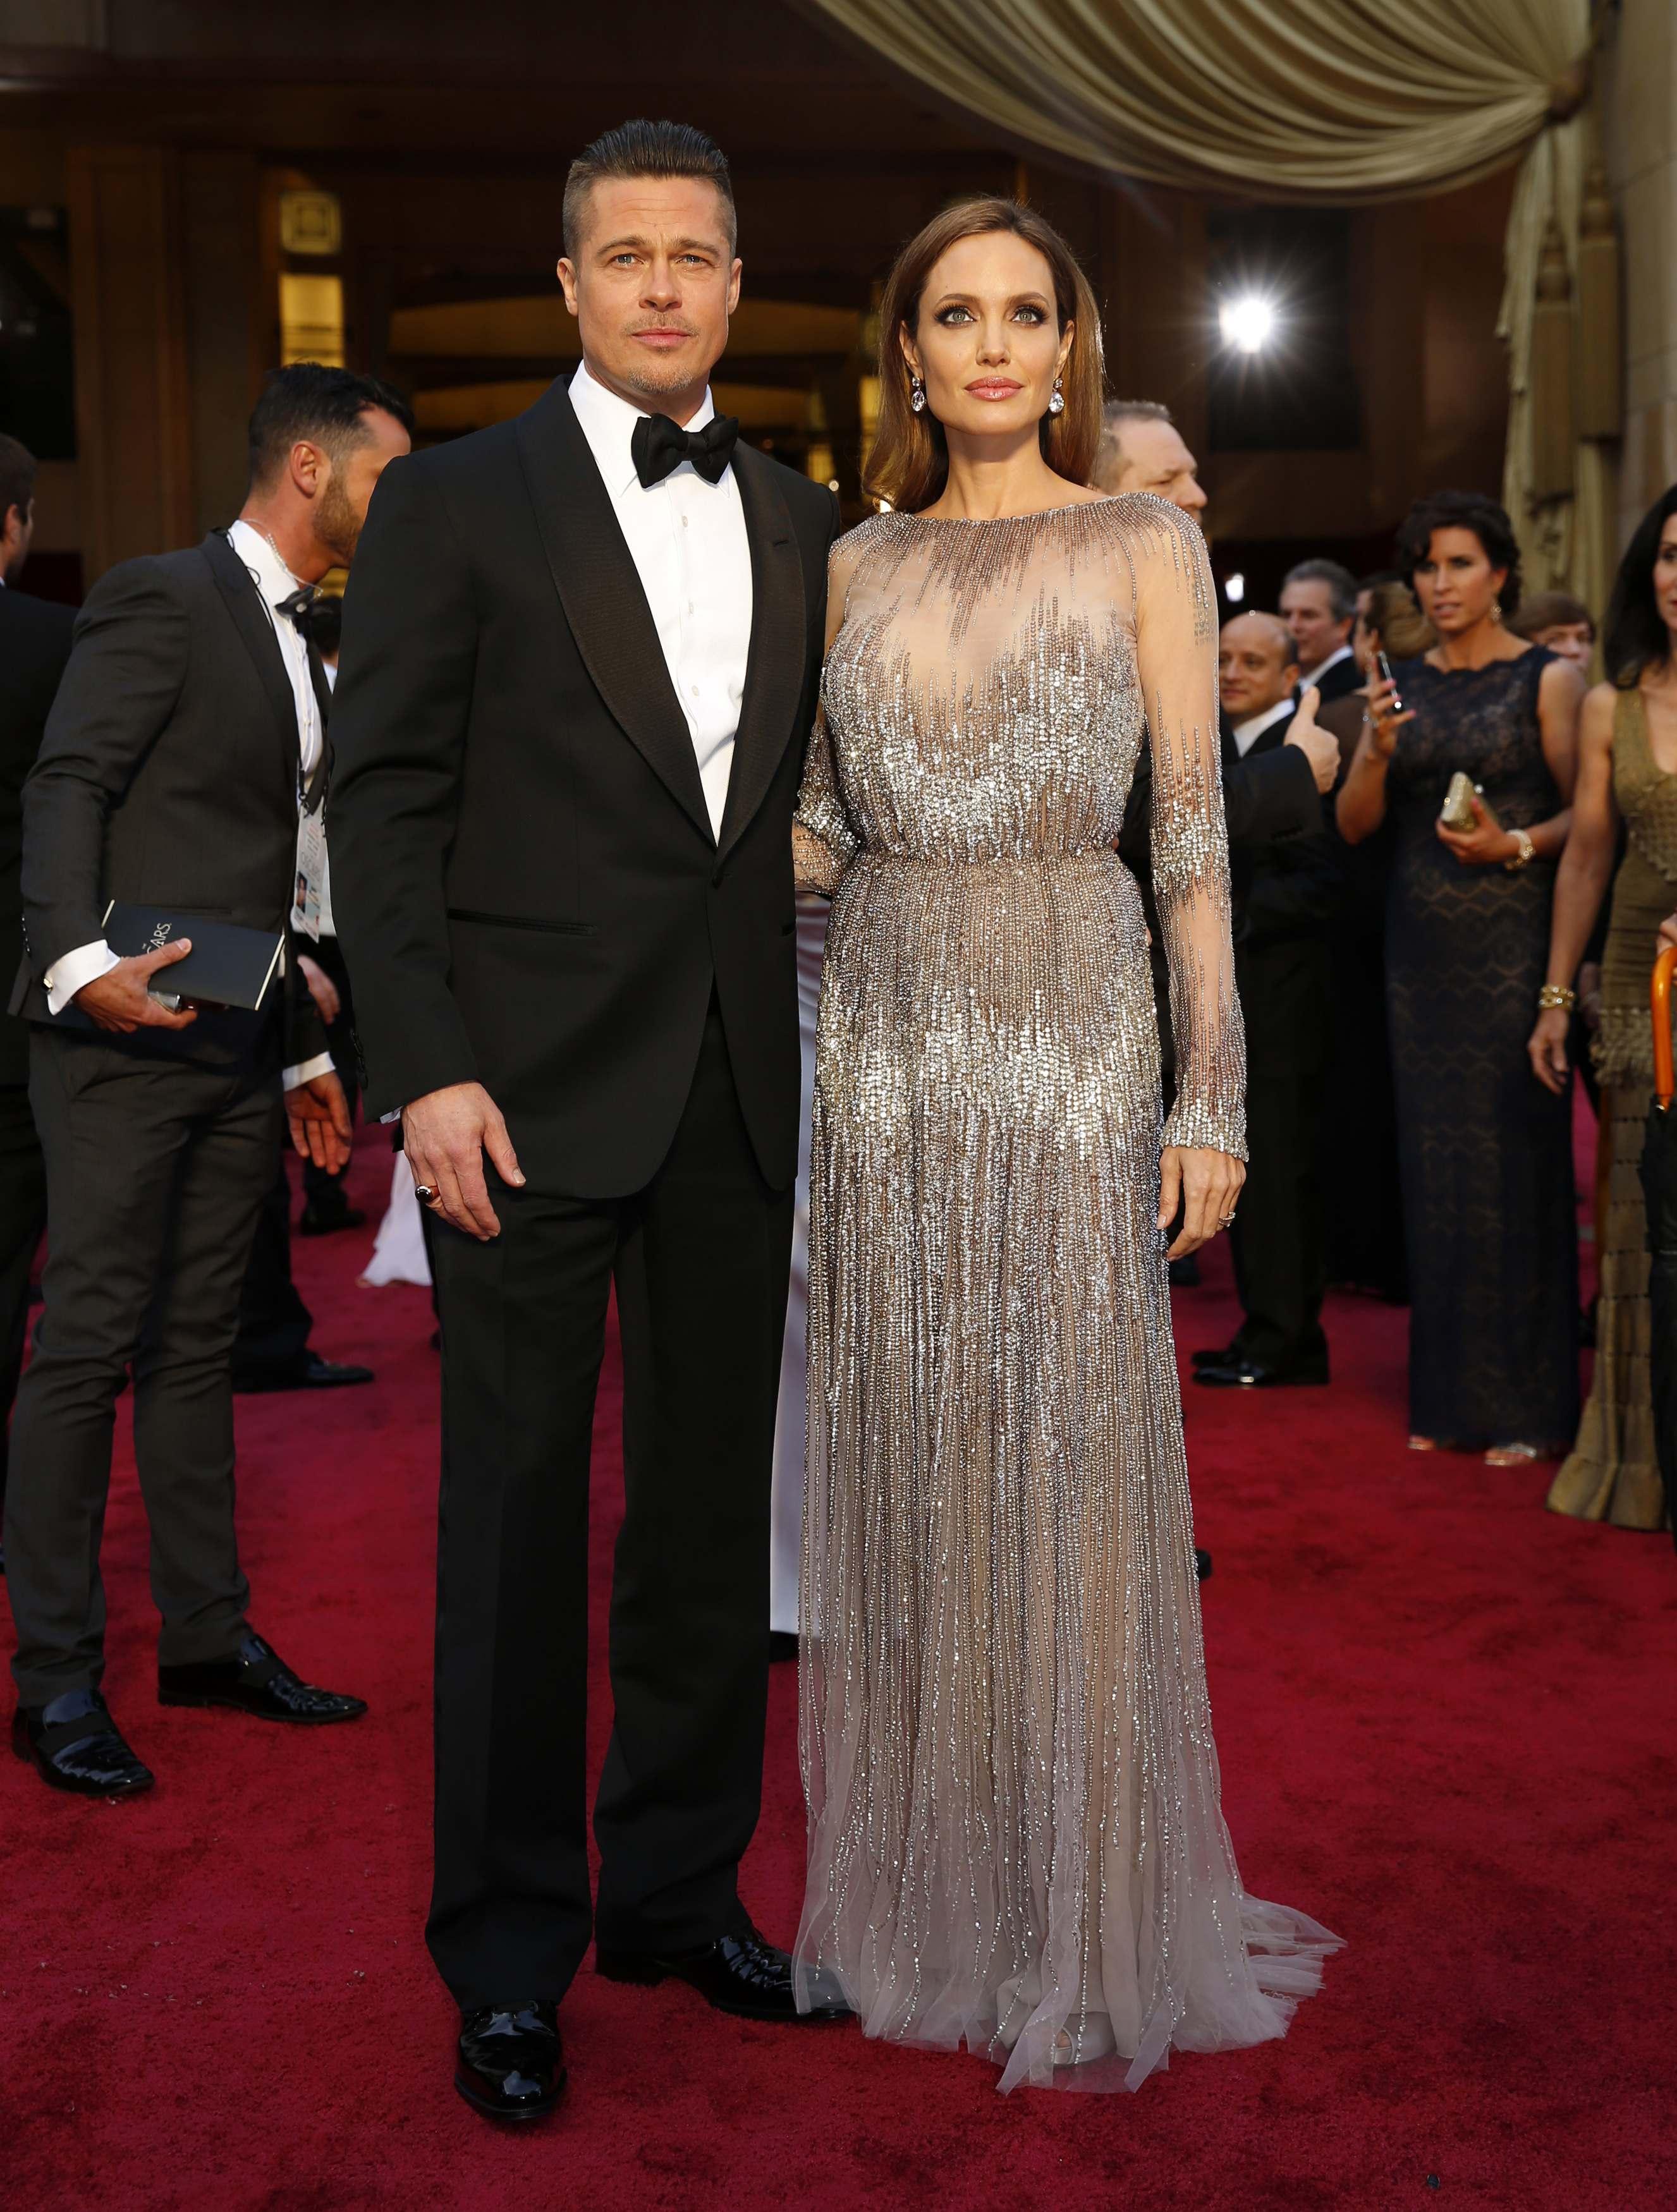 Brad Pitt và Angelina Jolie đẹp đôi bên nhau trên thảm đỏ. Ảnh: AP/Reuters